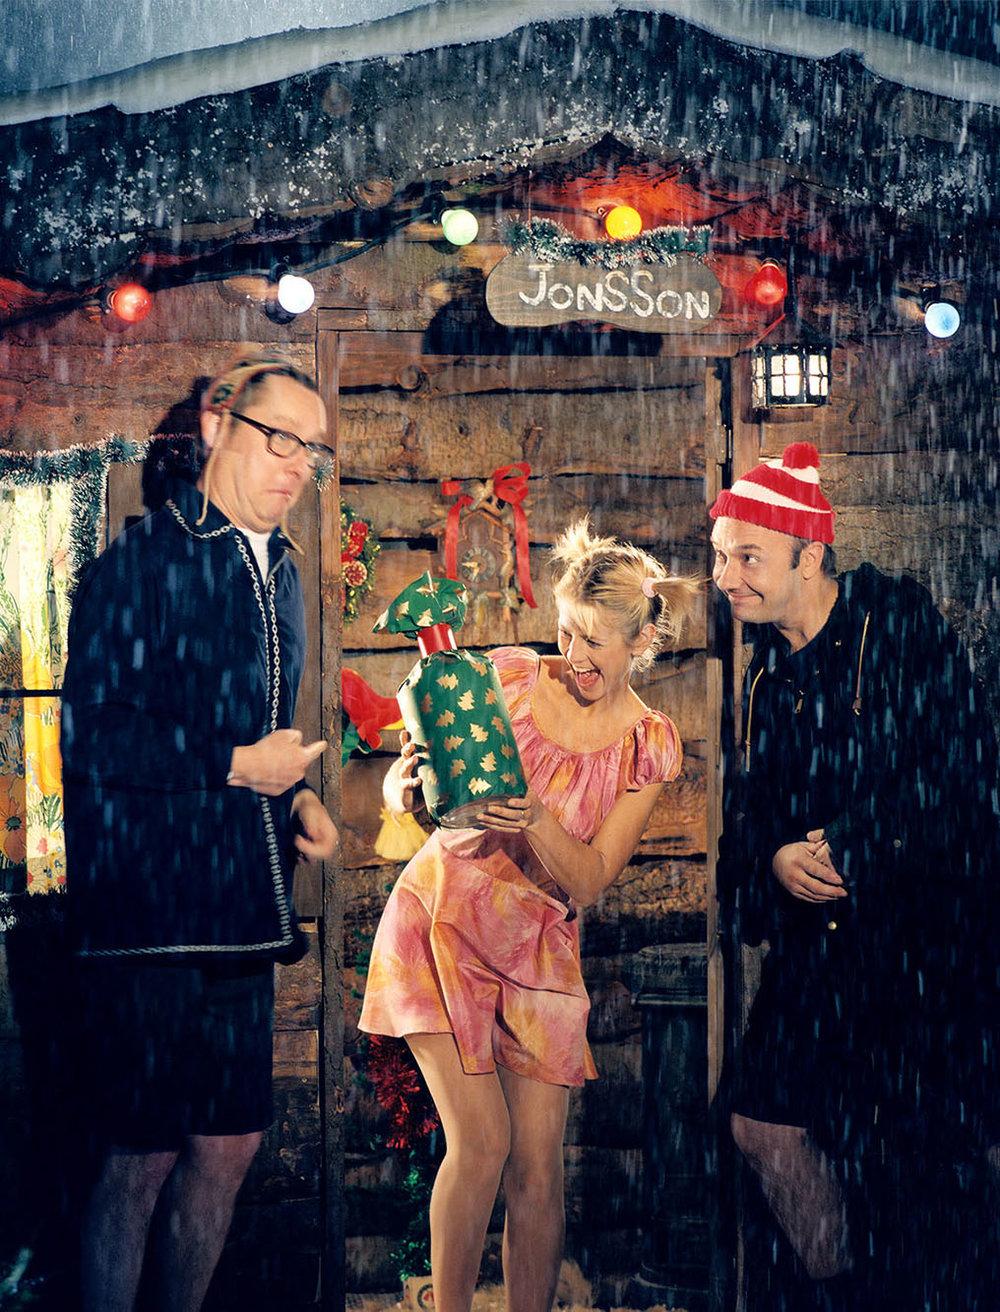 BBC - Christmas Promo Shooting Stars